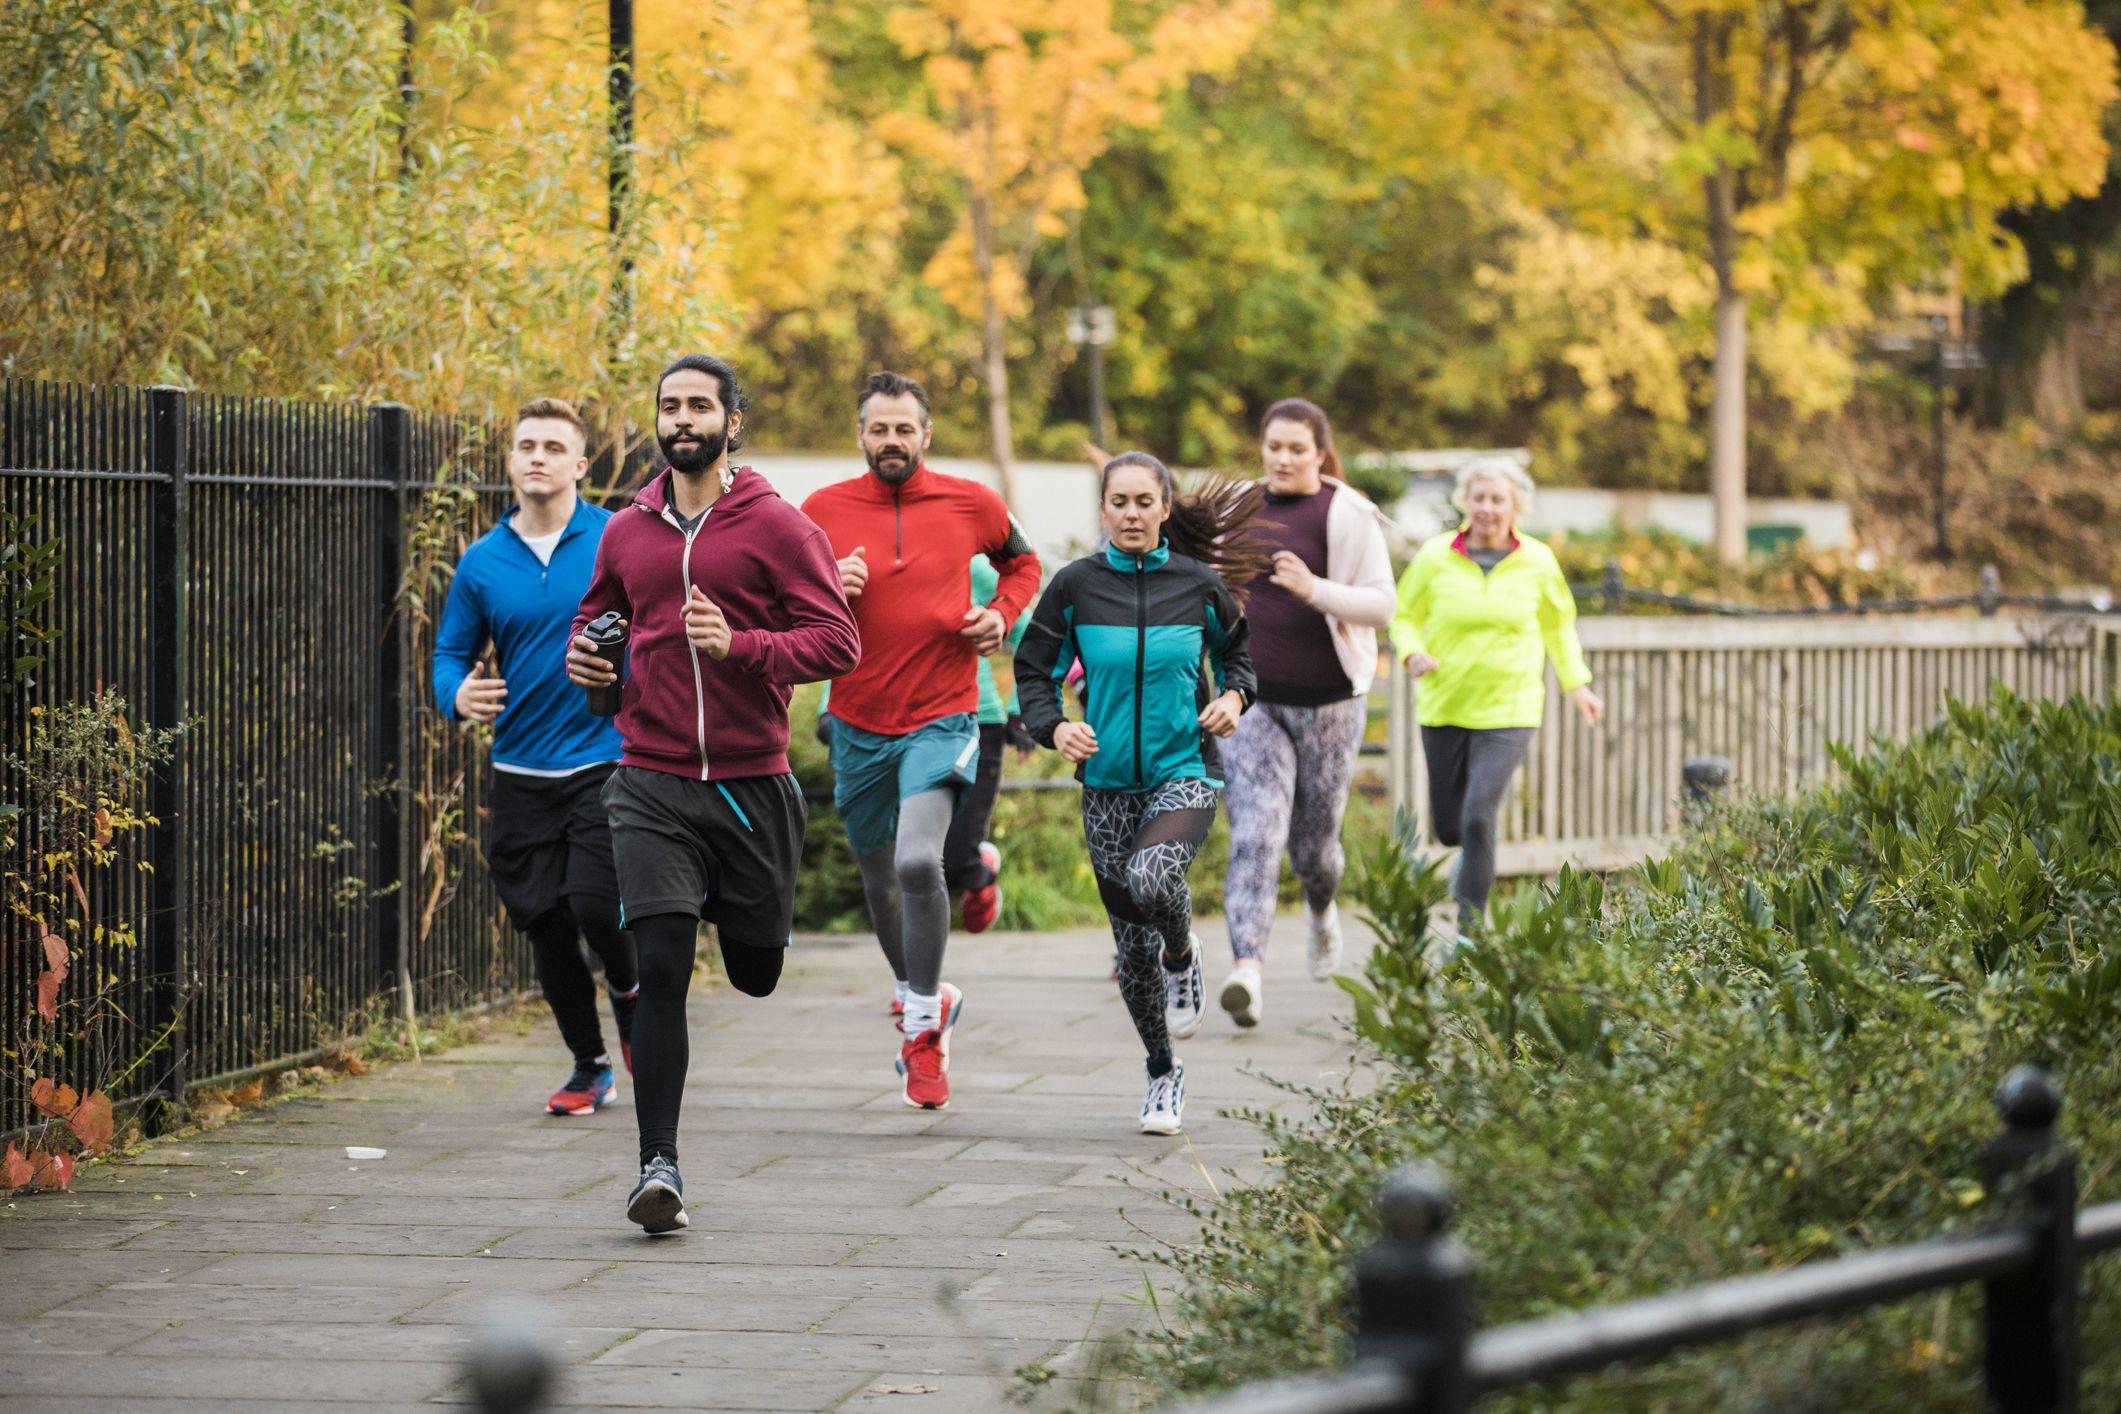 Bài tập chạy bộ giảm cân trong 8 tuần